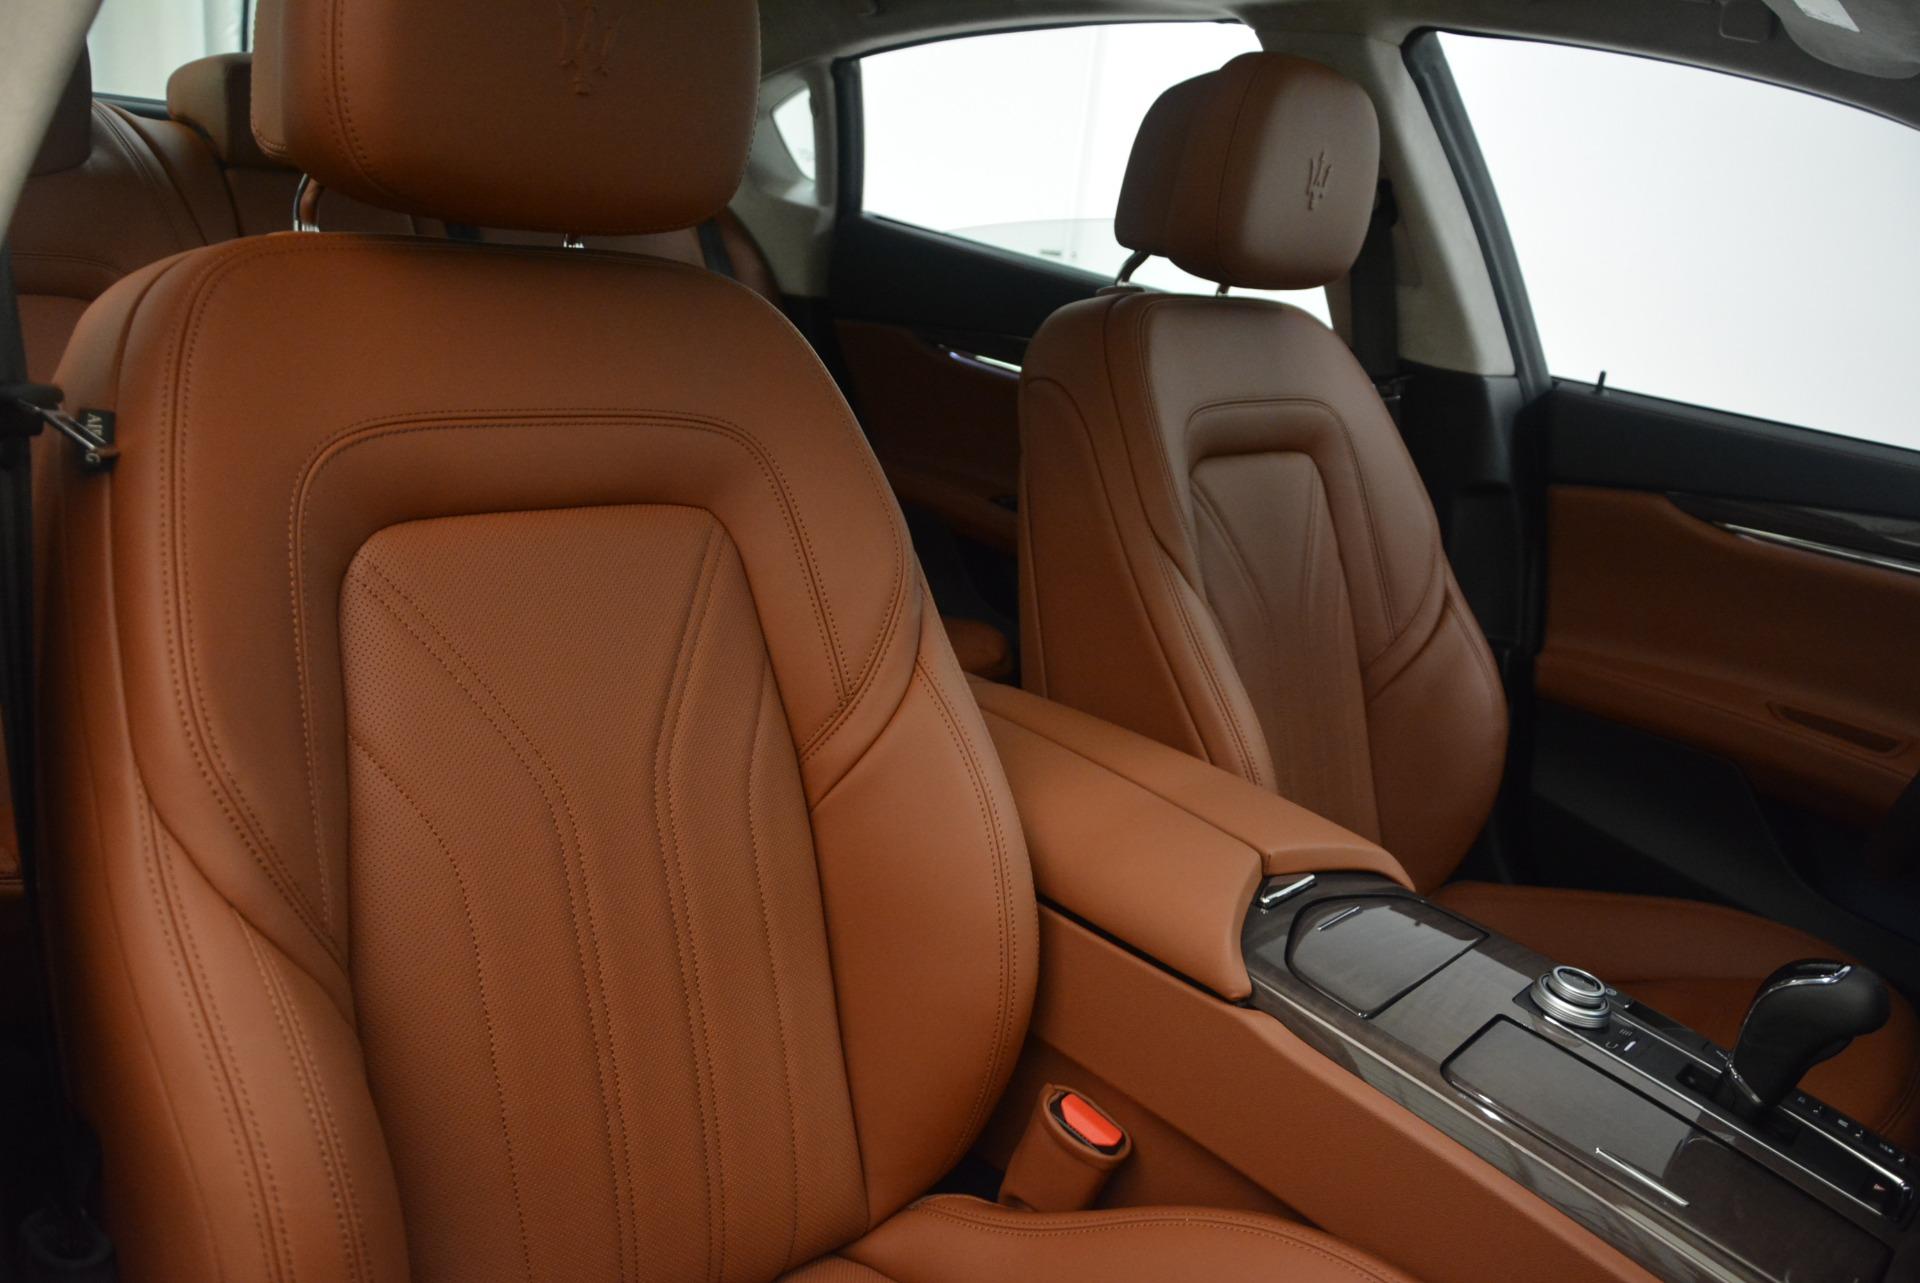 Used 2018 Maserati Quattroporte S Q4 GranLusso For Sale In Greenwich, CT 1572_p20